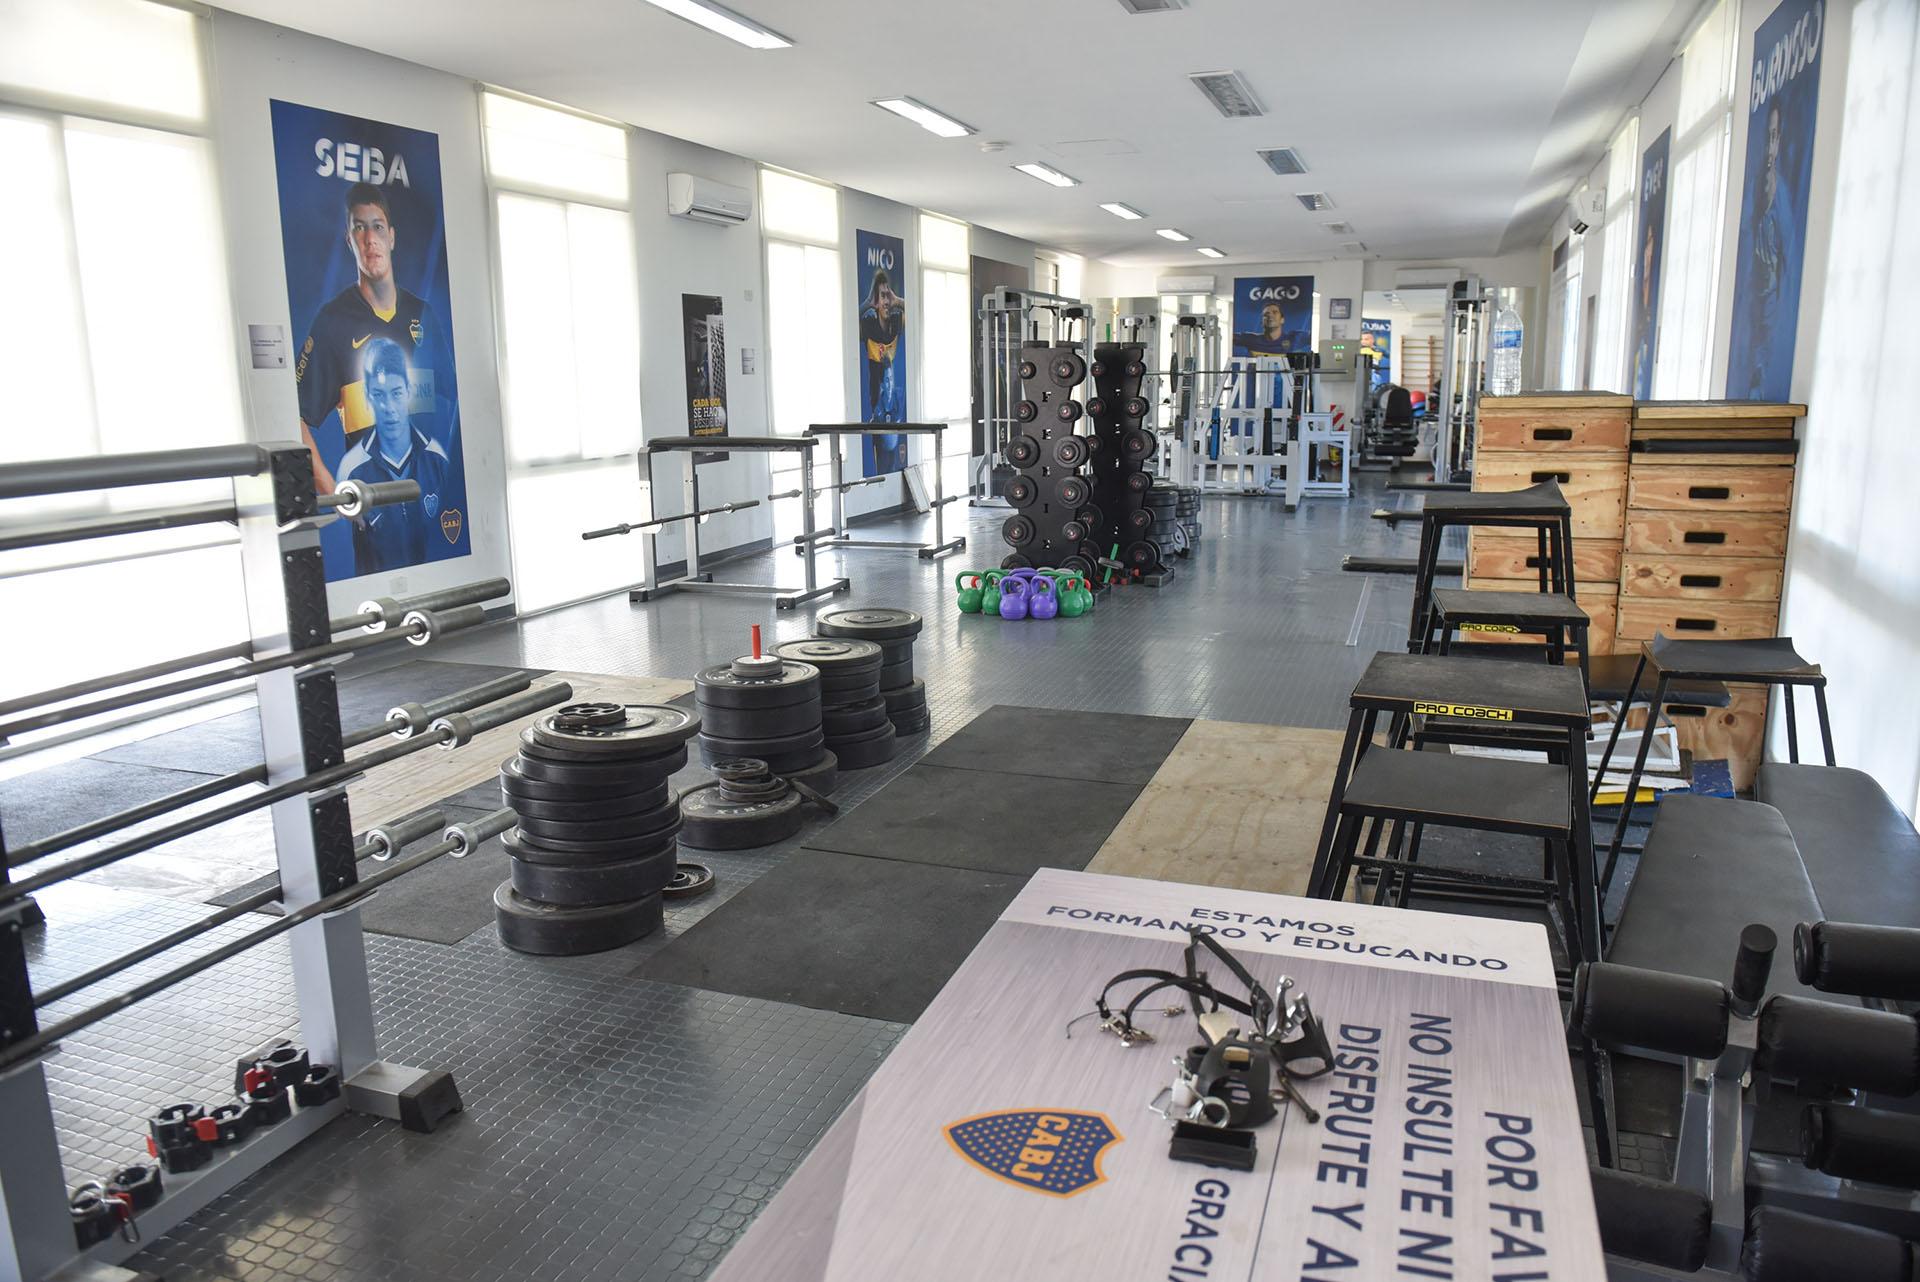 El gimnasio es una de las áreas más utilizadas semana a semana por los chicos (Guille Llamos)